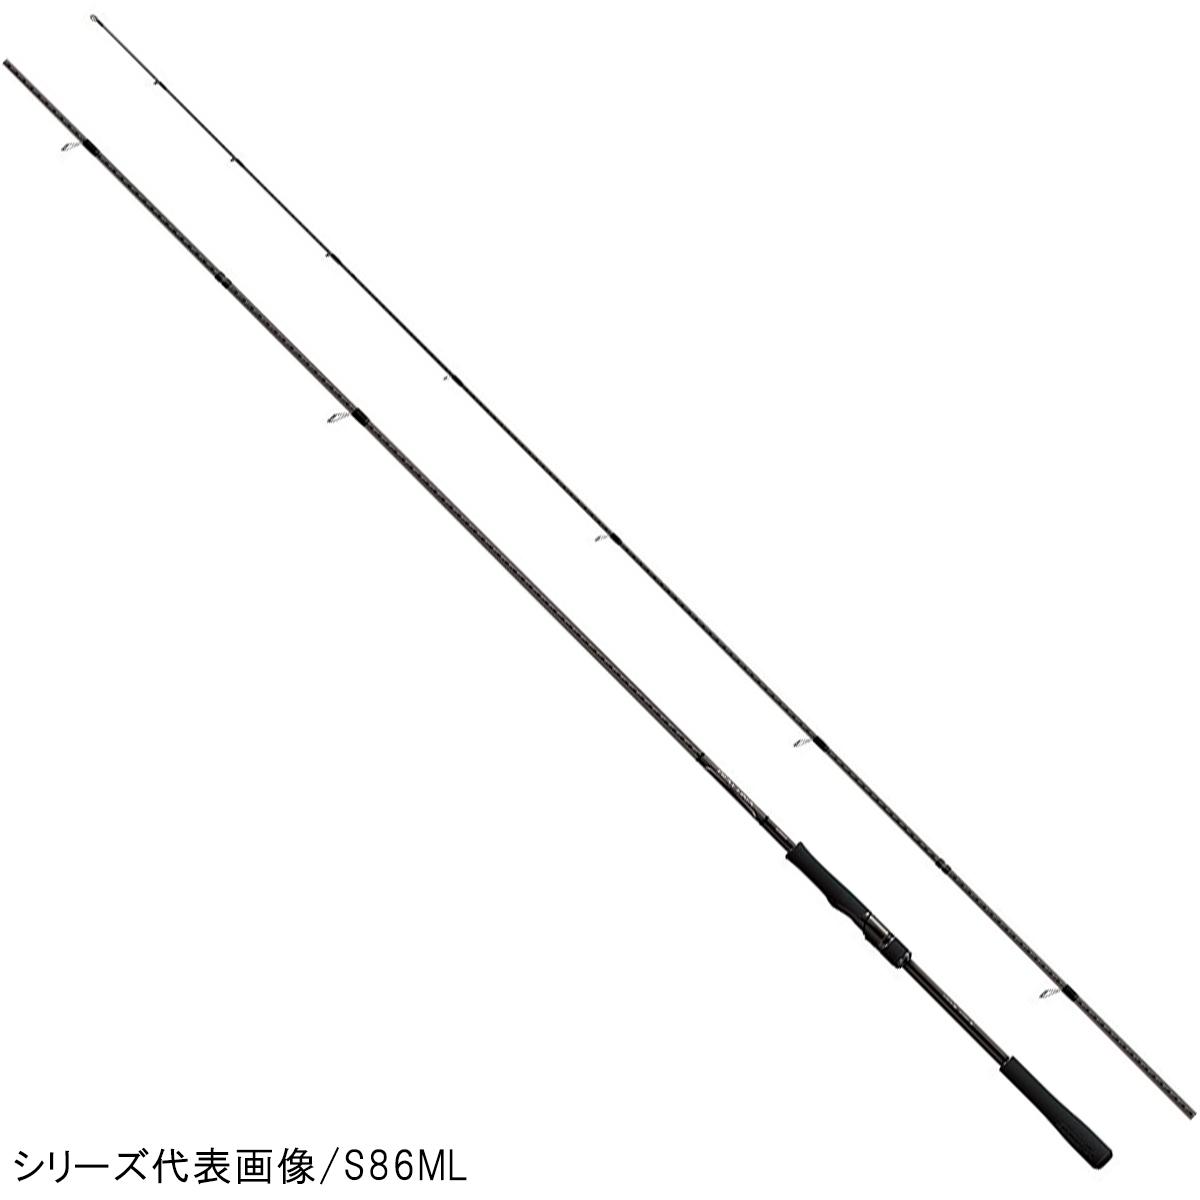 シマノ ディアルーナ (スピニング) S96ML【大型商品】